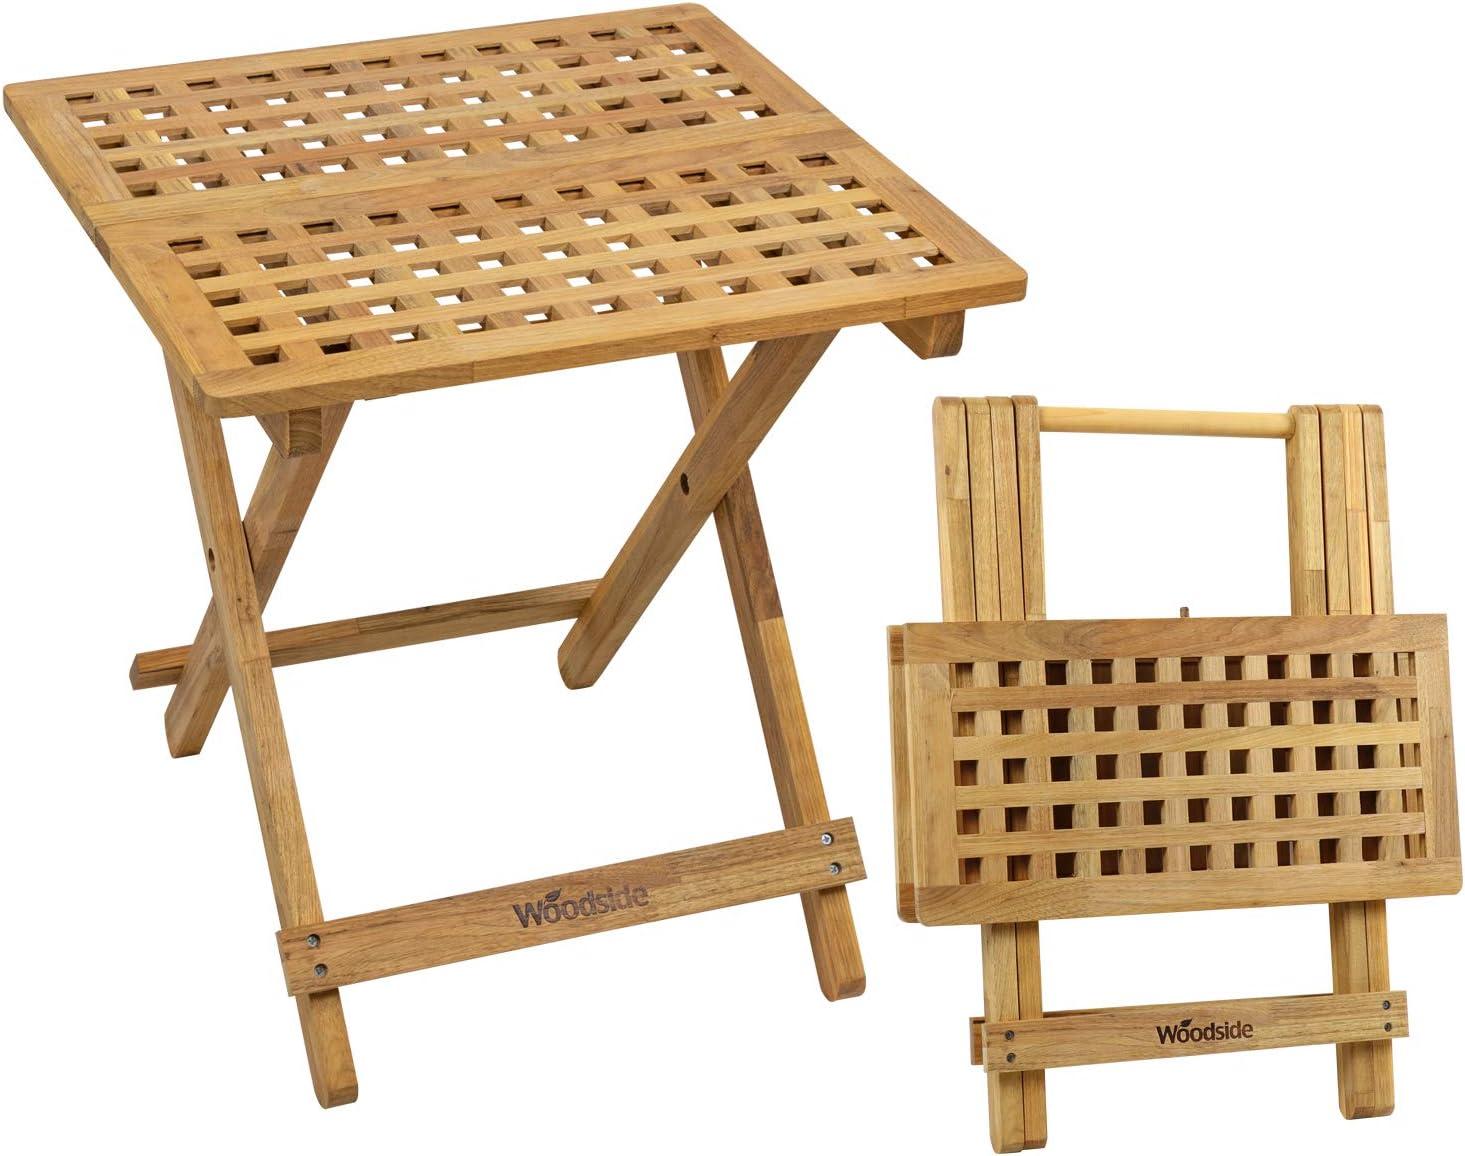 Woodside Belford Wooden Folding Garden Coffee Table, 50cm x 50cm x 50cm, Treated Walnut Wood